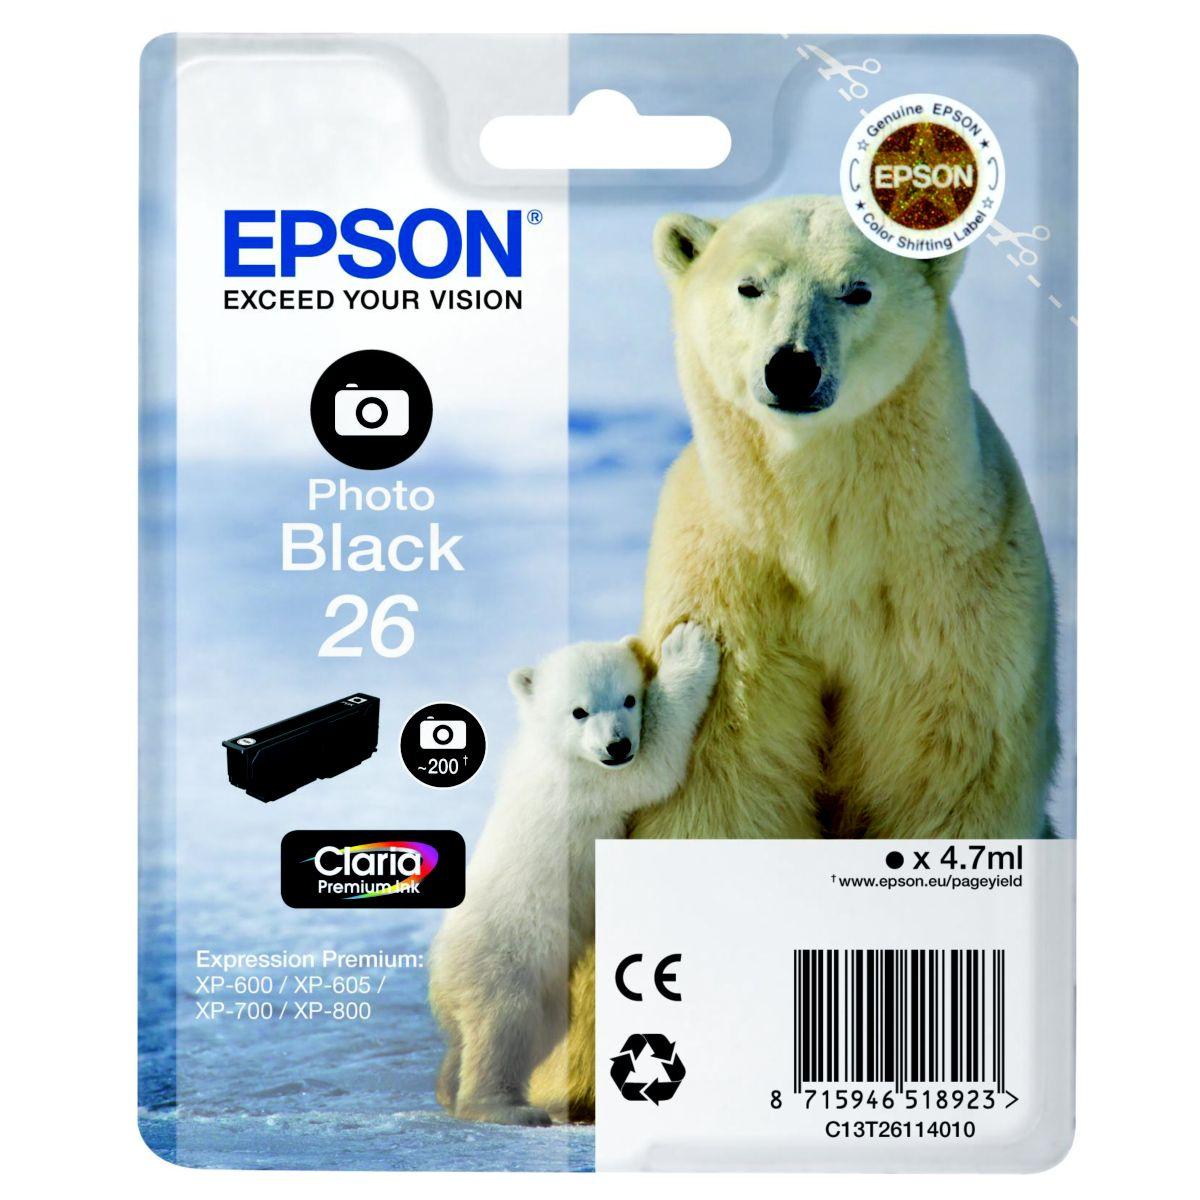 Cartouche d'encre EPSON T2611 Noire Photo Série Ours Polaire